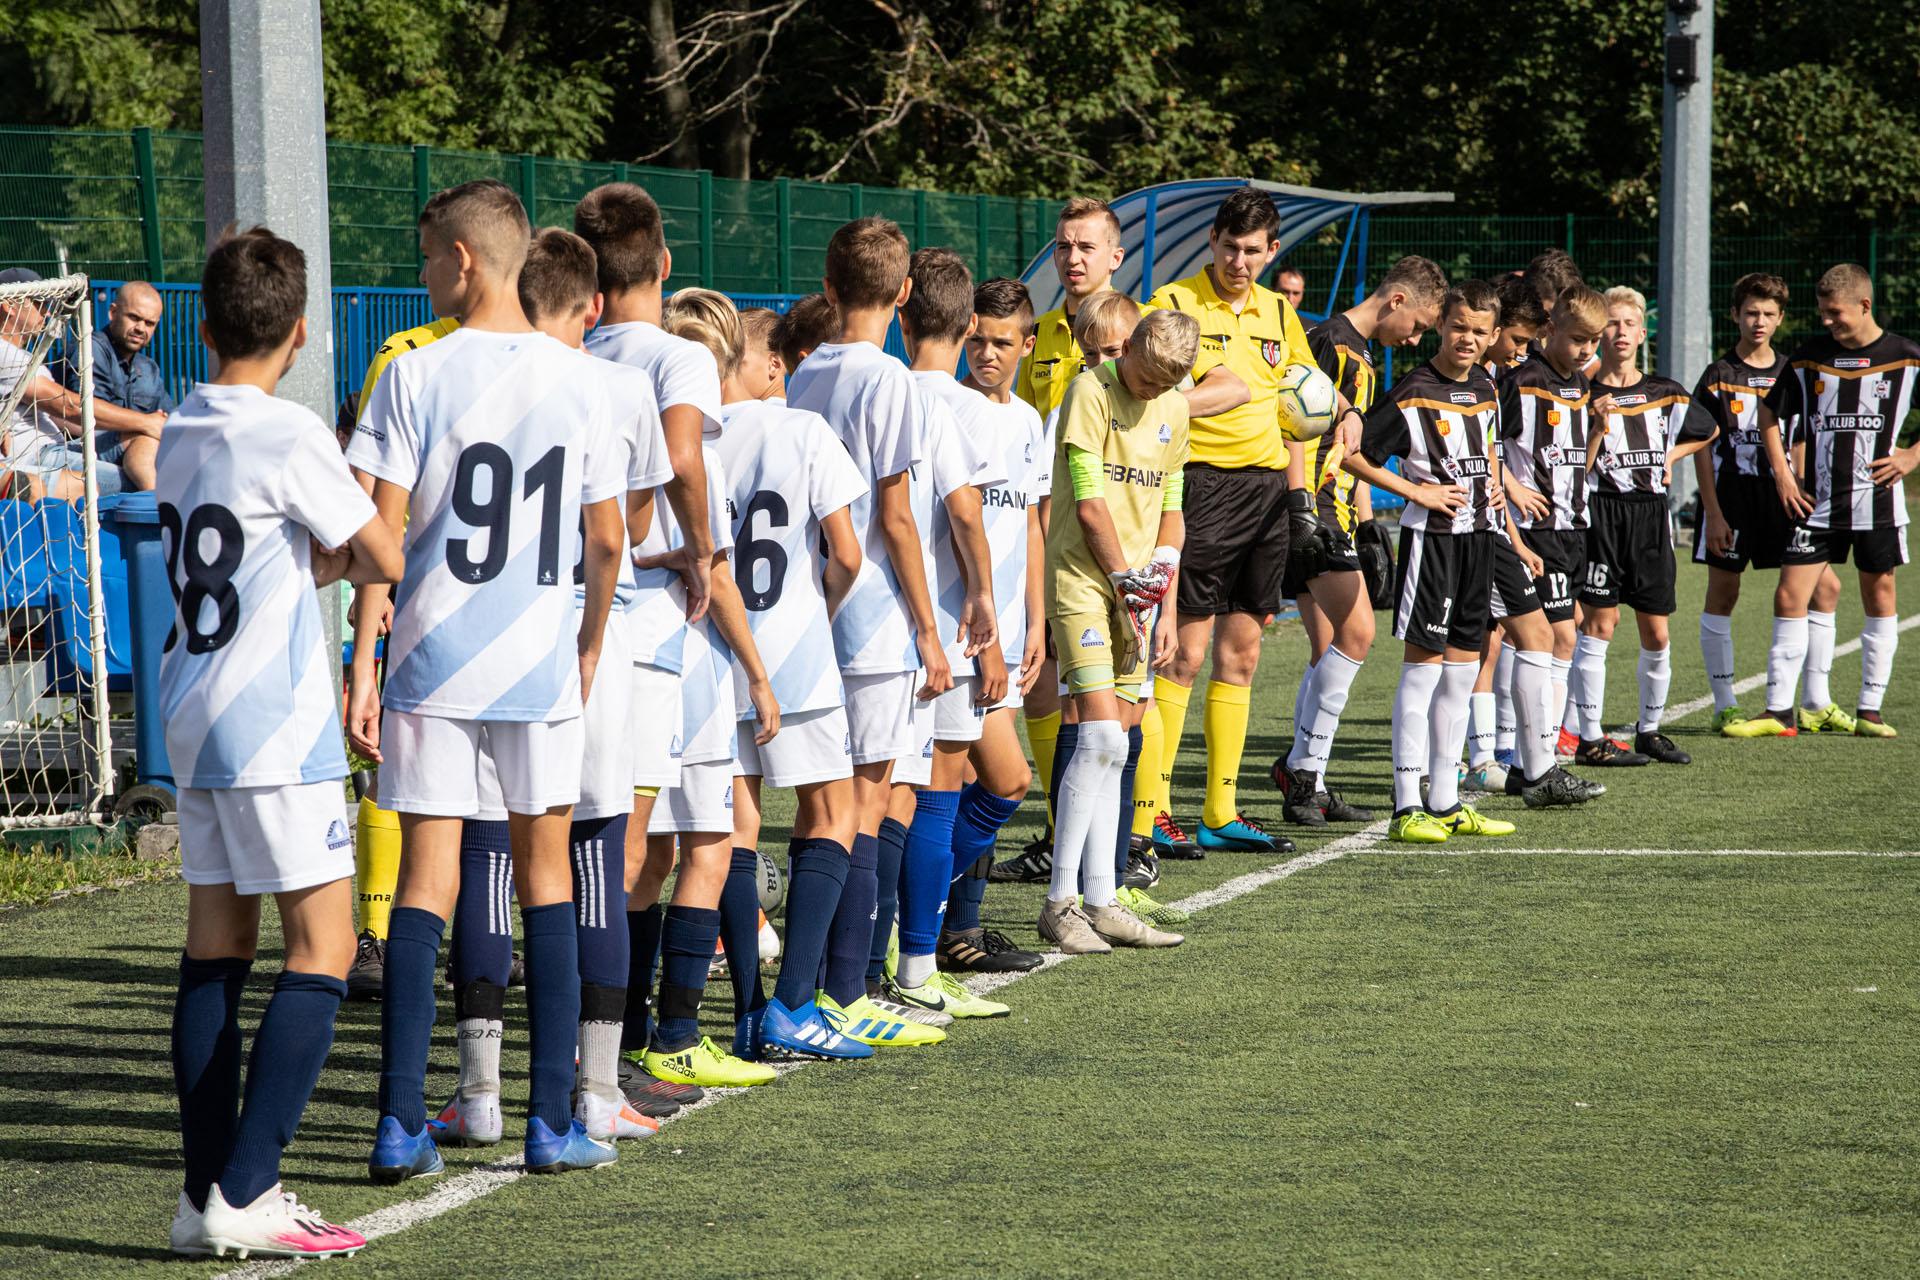 Stal Rzeszów U14 B (2006) vs Czarni 1910 Jasło U14